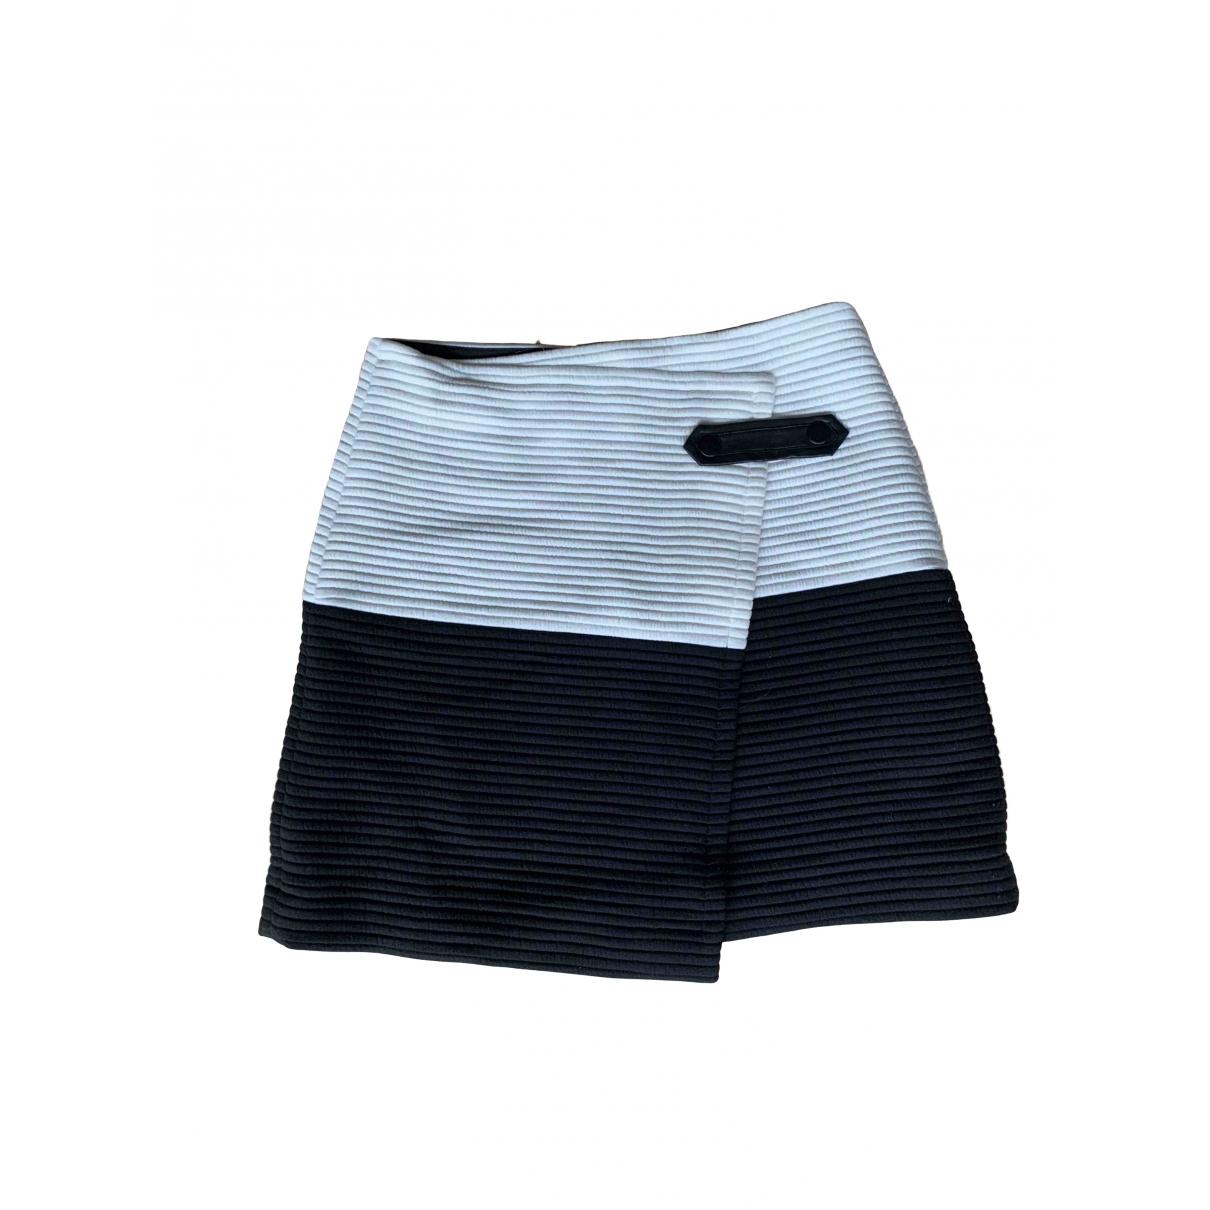 Alice & Olivia \N skirt for Women 0 0-5